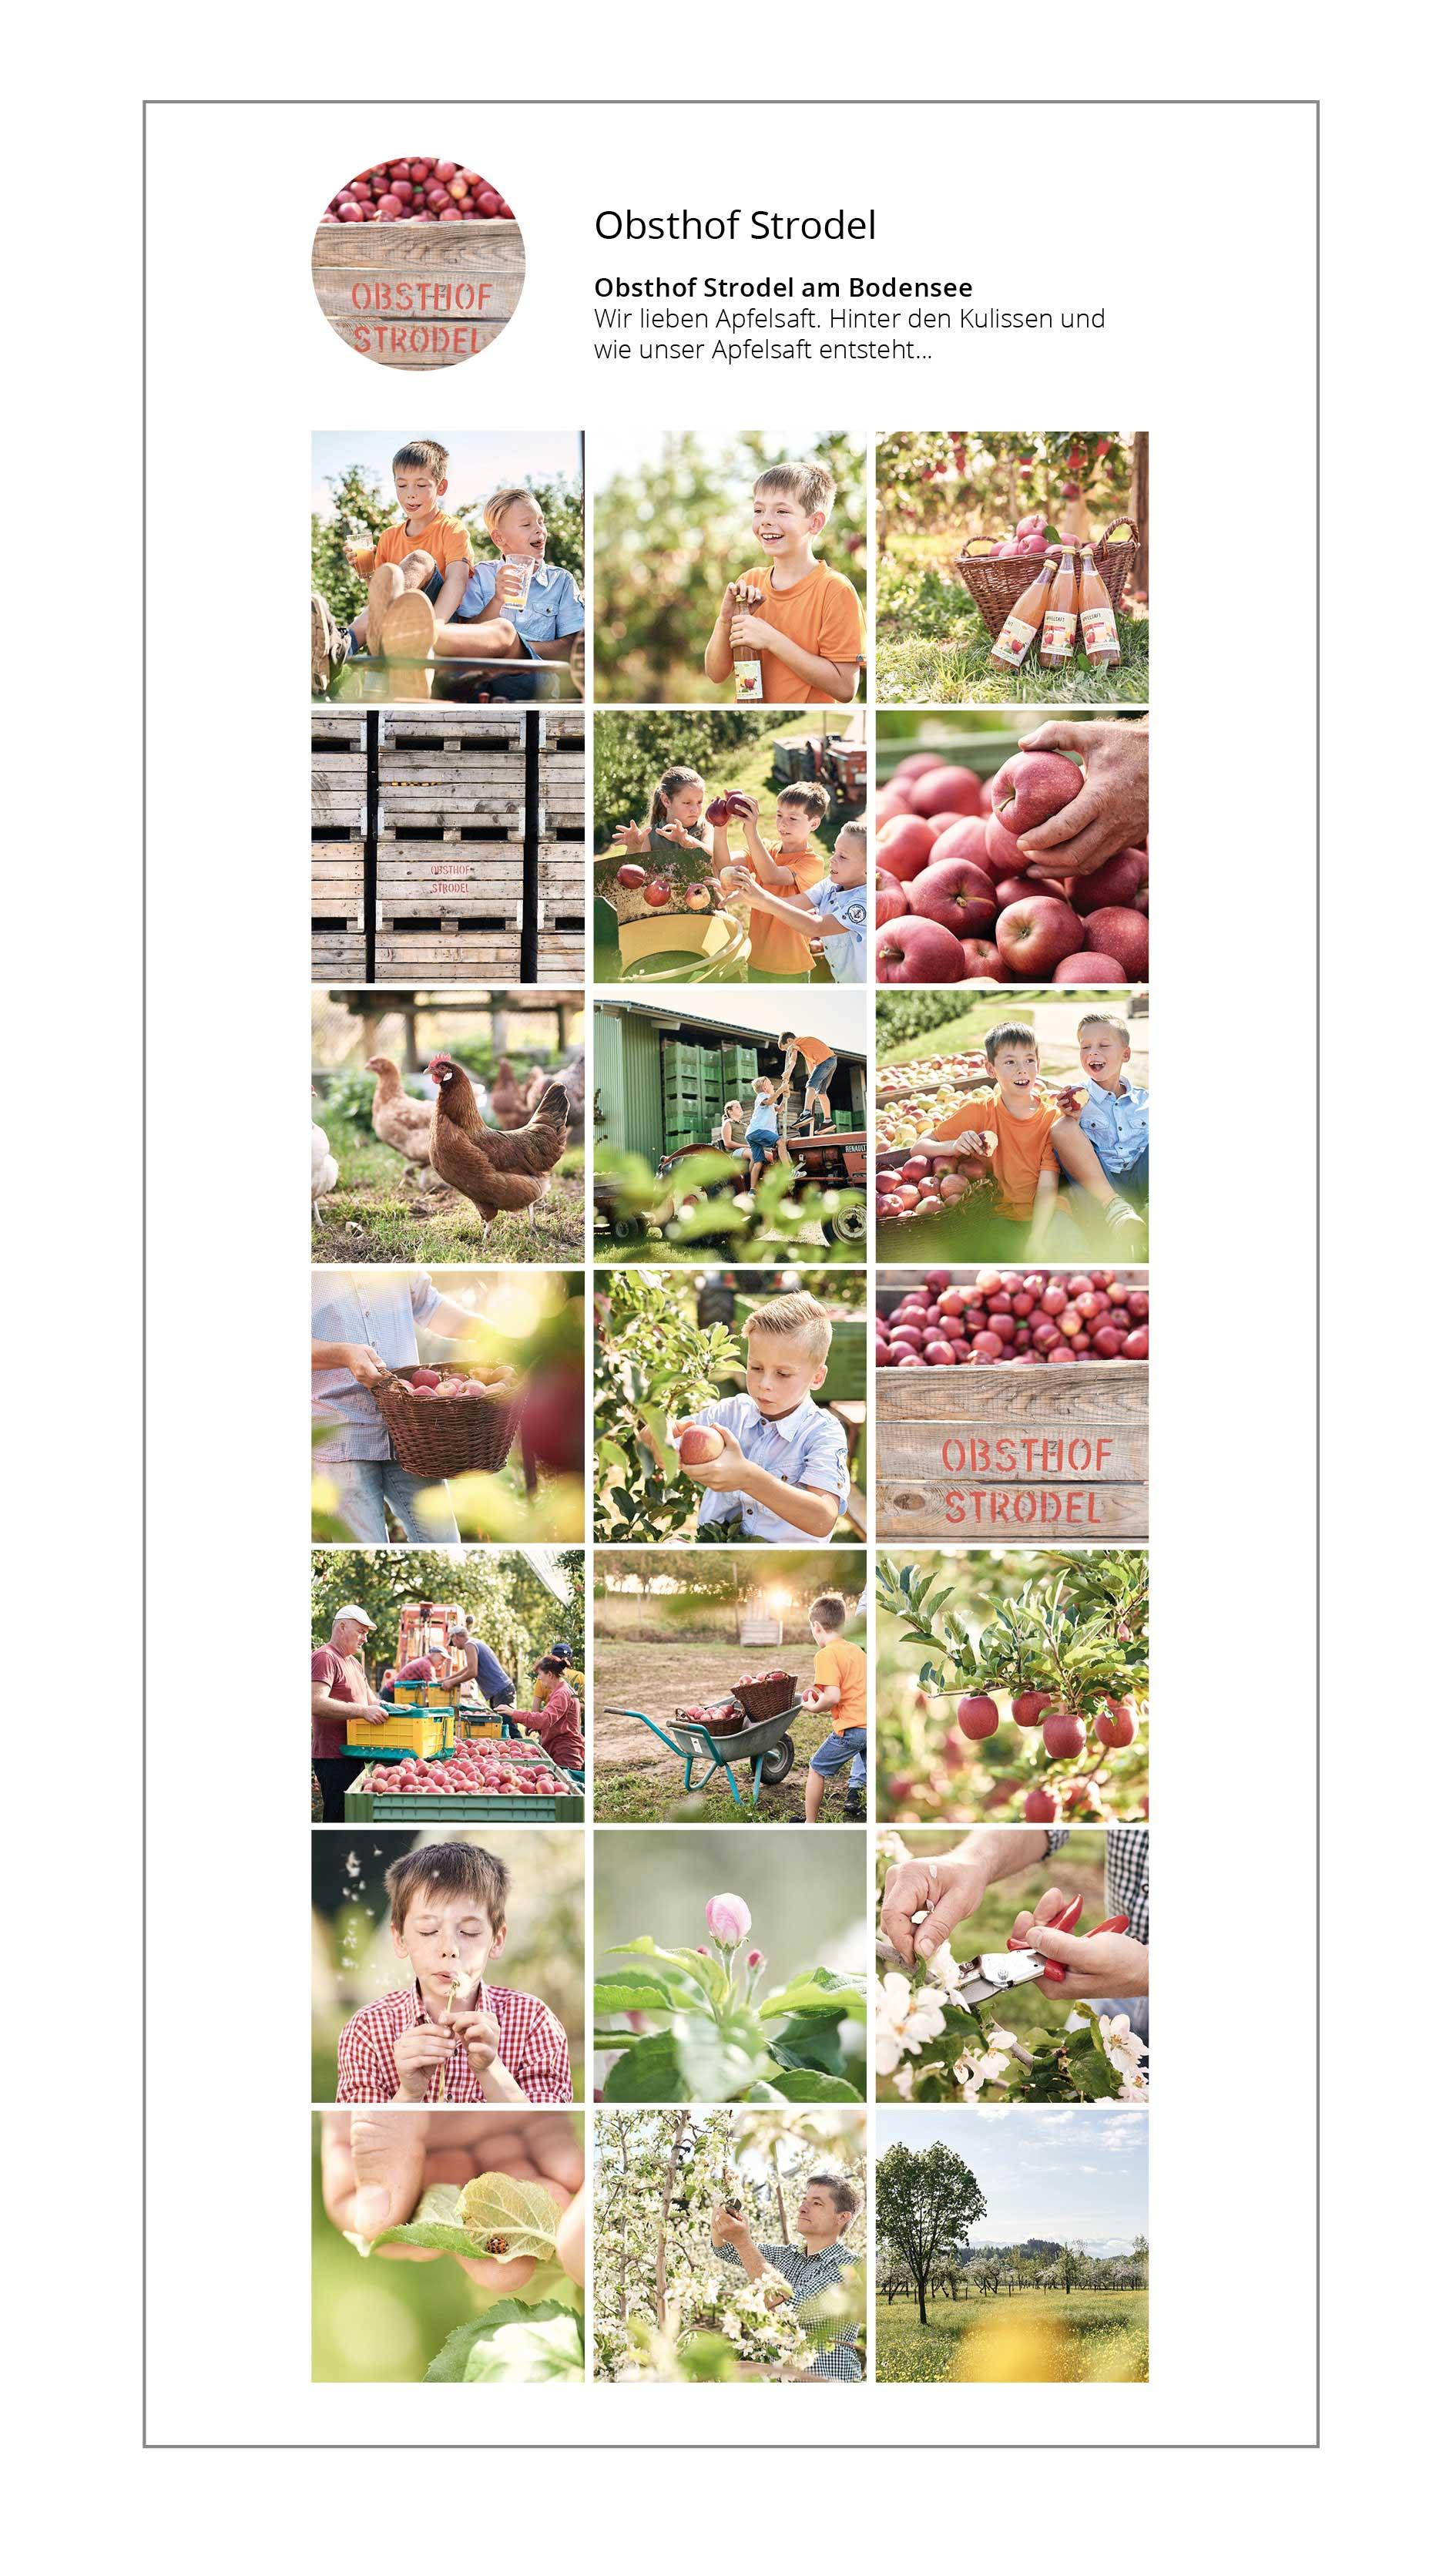 Fotograf, Werbefotoshooting, Bilderpool für Instagram Business Account, einheitliche Unternehmensbilder für Social Media